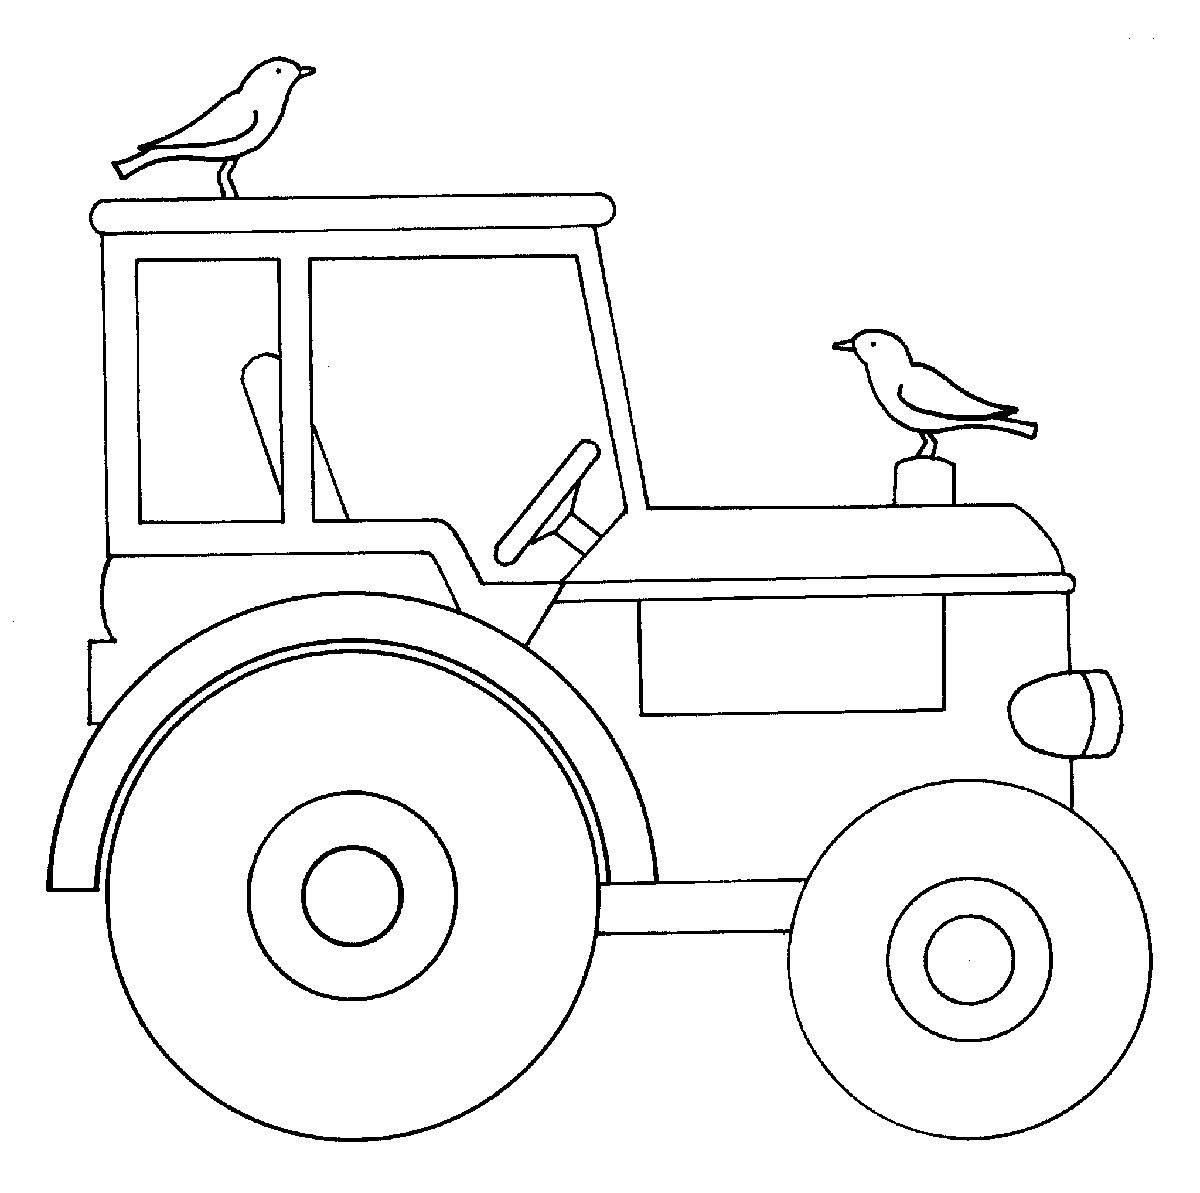 Ausmalbilder Traktor Mit Pflug Genial Kostenlose Malvorlage Bauernhof Traktor Zum Ausmalen Innen Fotografieren